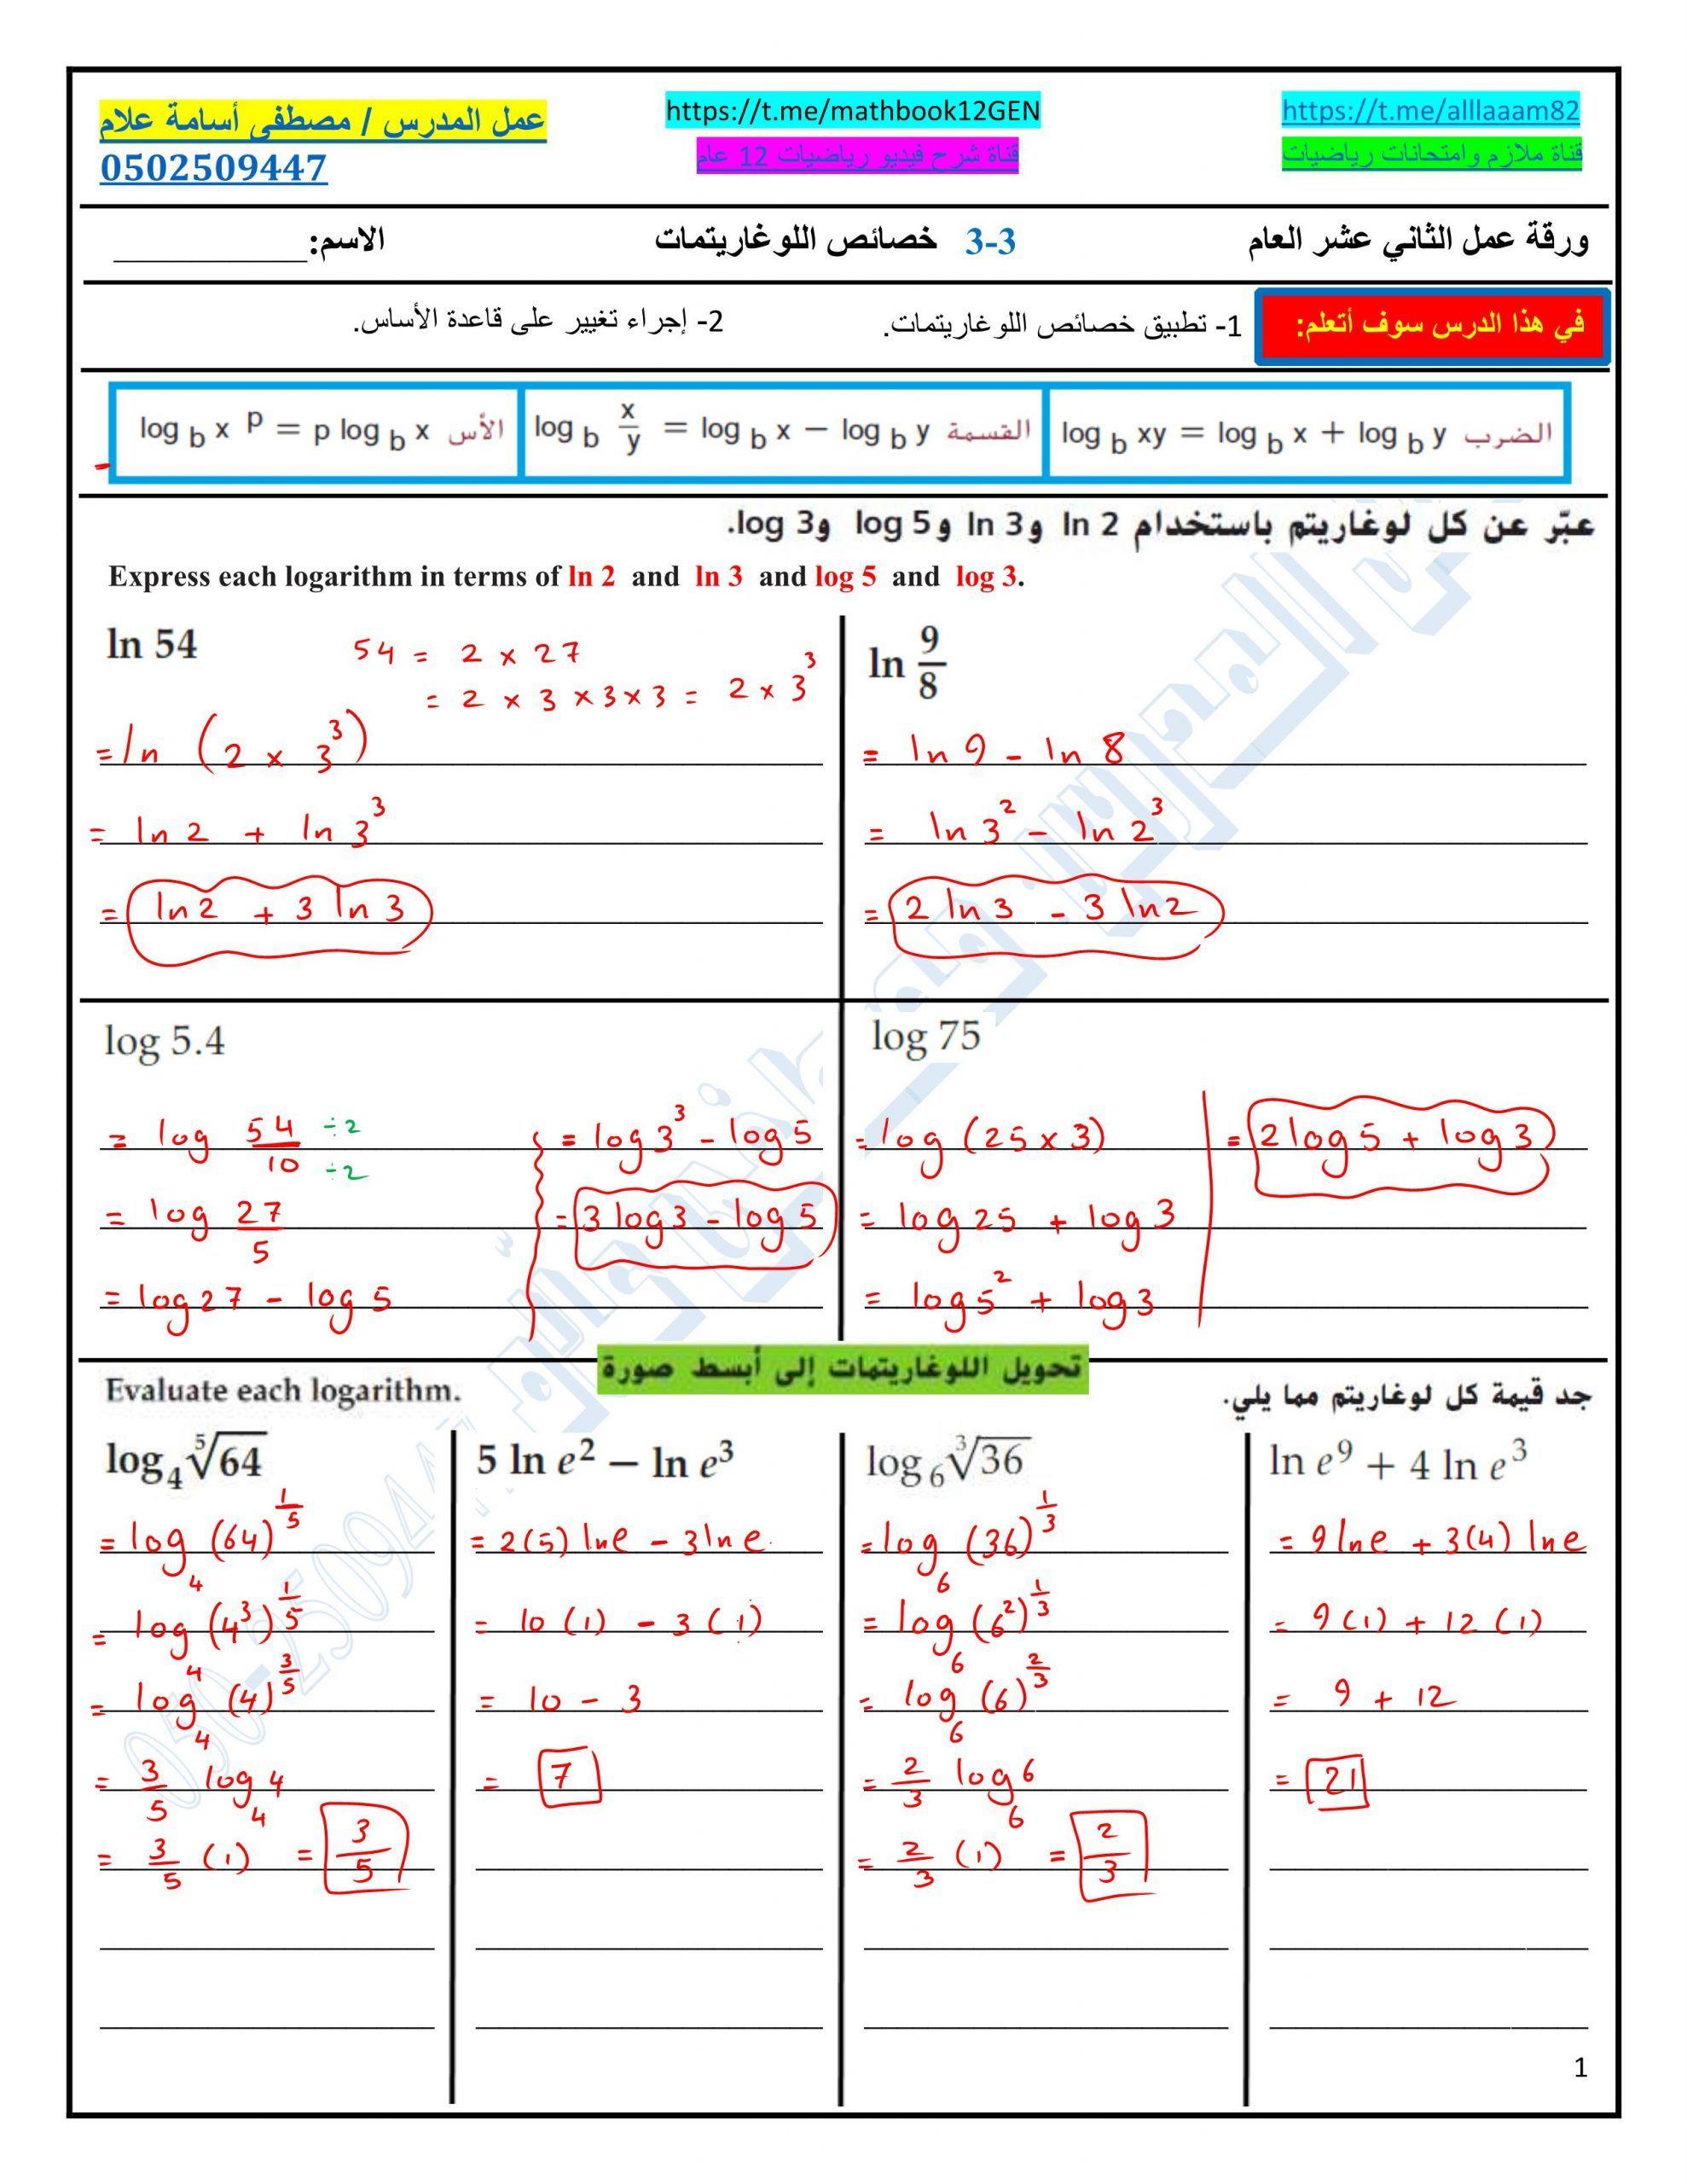 اوراق عمل خصائص اللوغاريتمات للصف الثاني عشر عام مادة الرياضيات المتكاملة Expressions Bullet Journal Sas